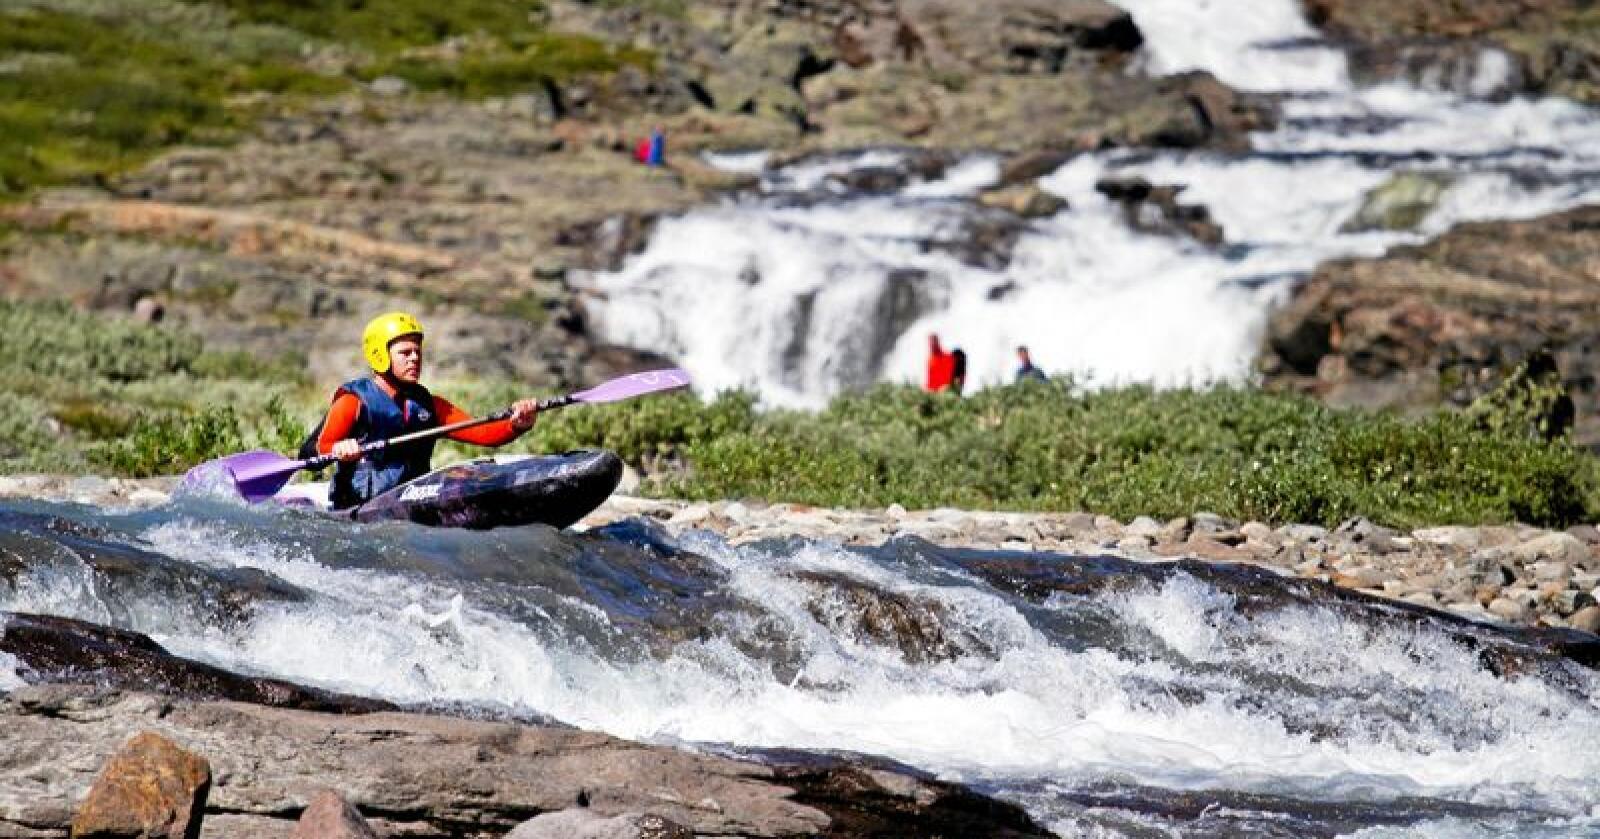 Fjellpadling: Svært mange studenter ønsker å bruke sommeren til en kombinasjon av utfordrende arbeid og aktiv fritid gjennom Fjellspire-prosjektet. Her fra elvepadling ved Mjølkedøla ved Tyin i Jotunheimen. Foto: Arlene Bax